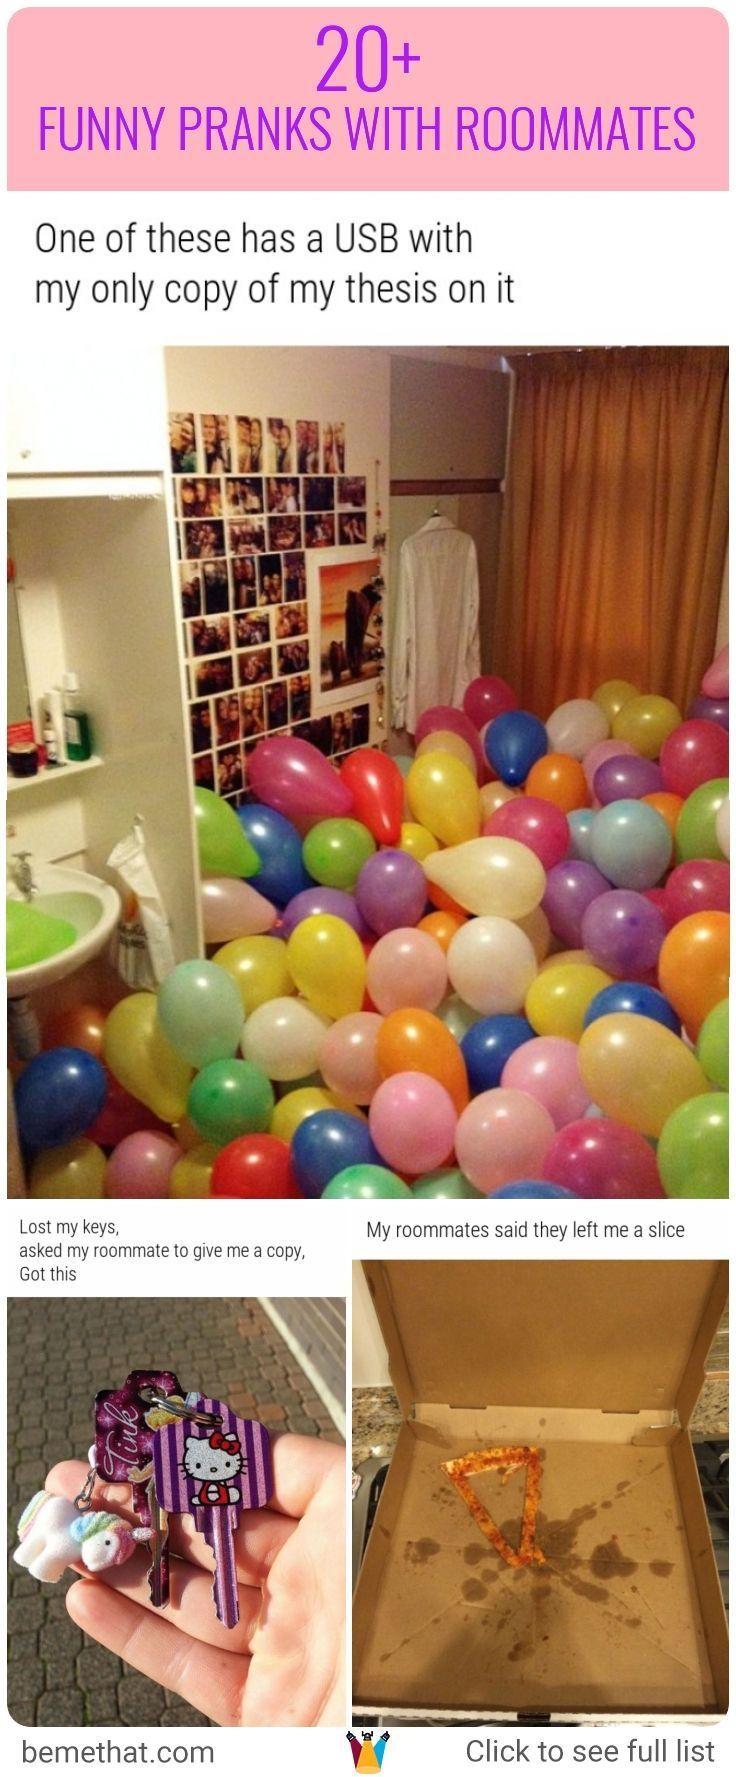 20+ Funny Photos Describing Life With Roommates